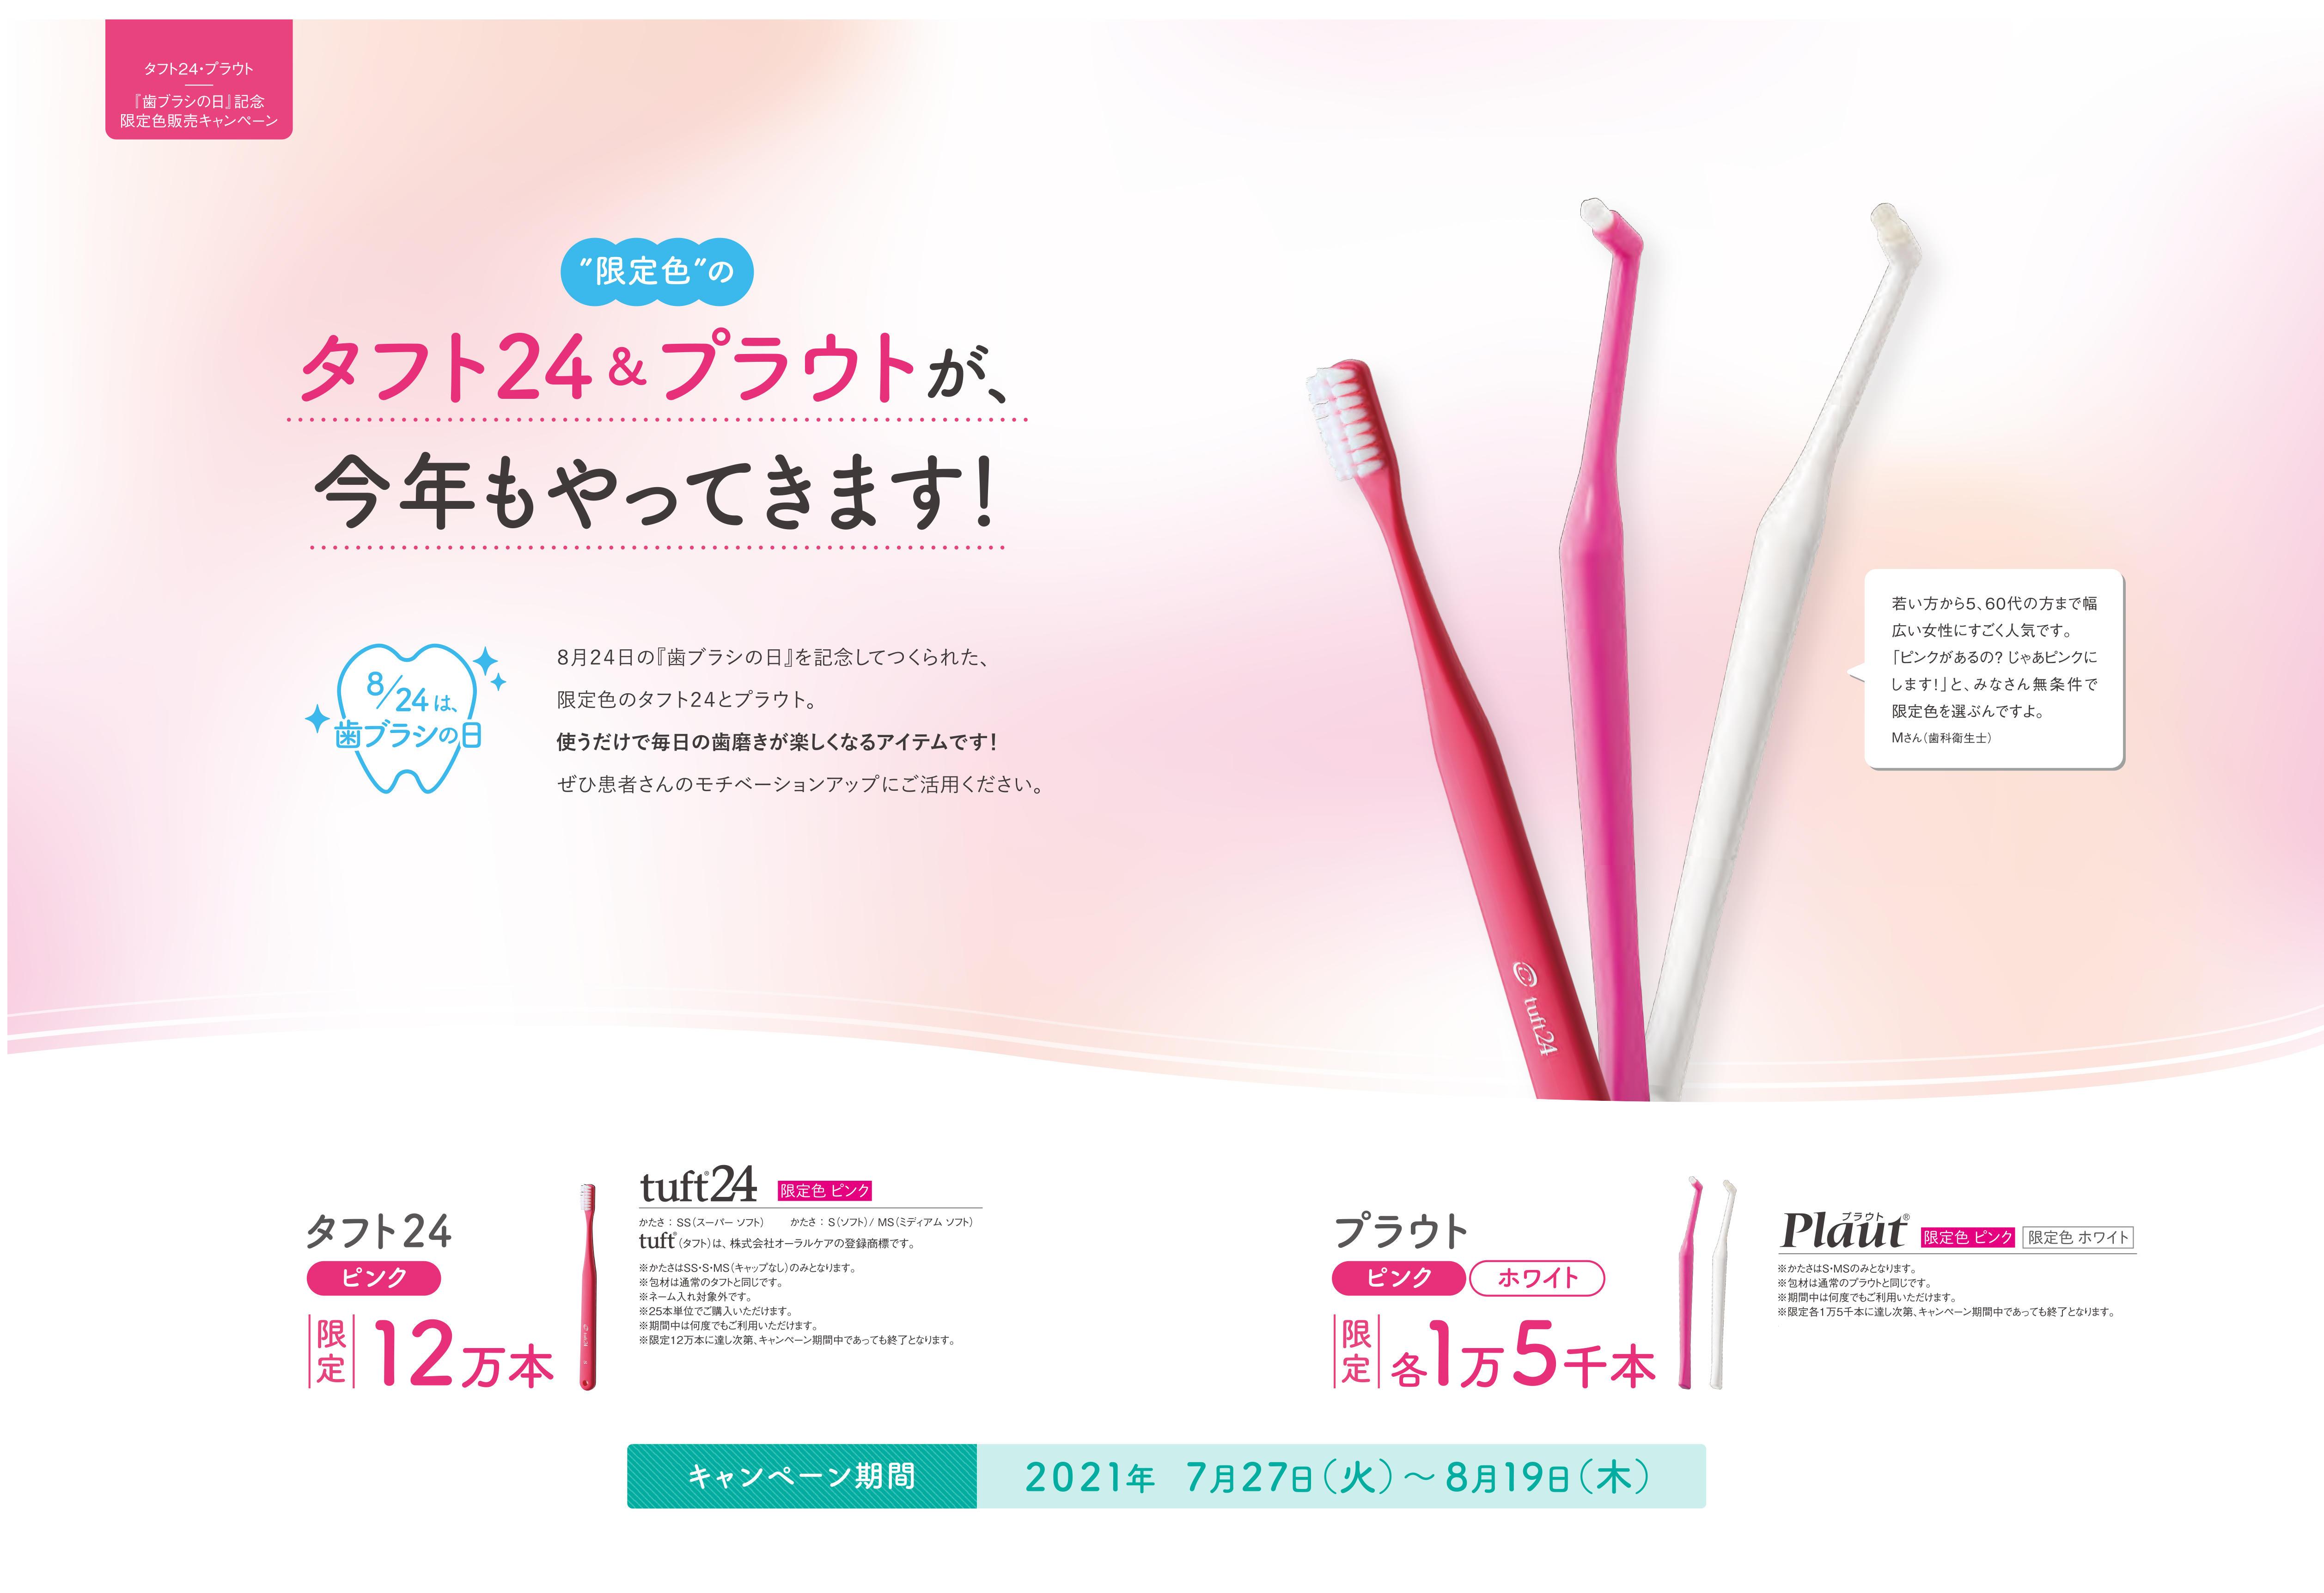 https://www.oralcare.co.jp/information/images/2021_limitedcolor.jpg